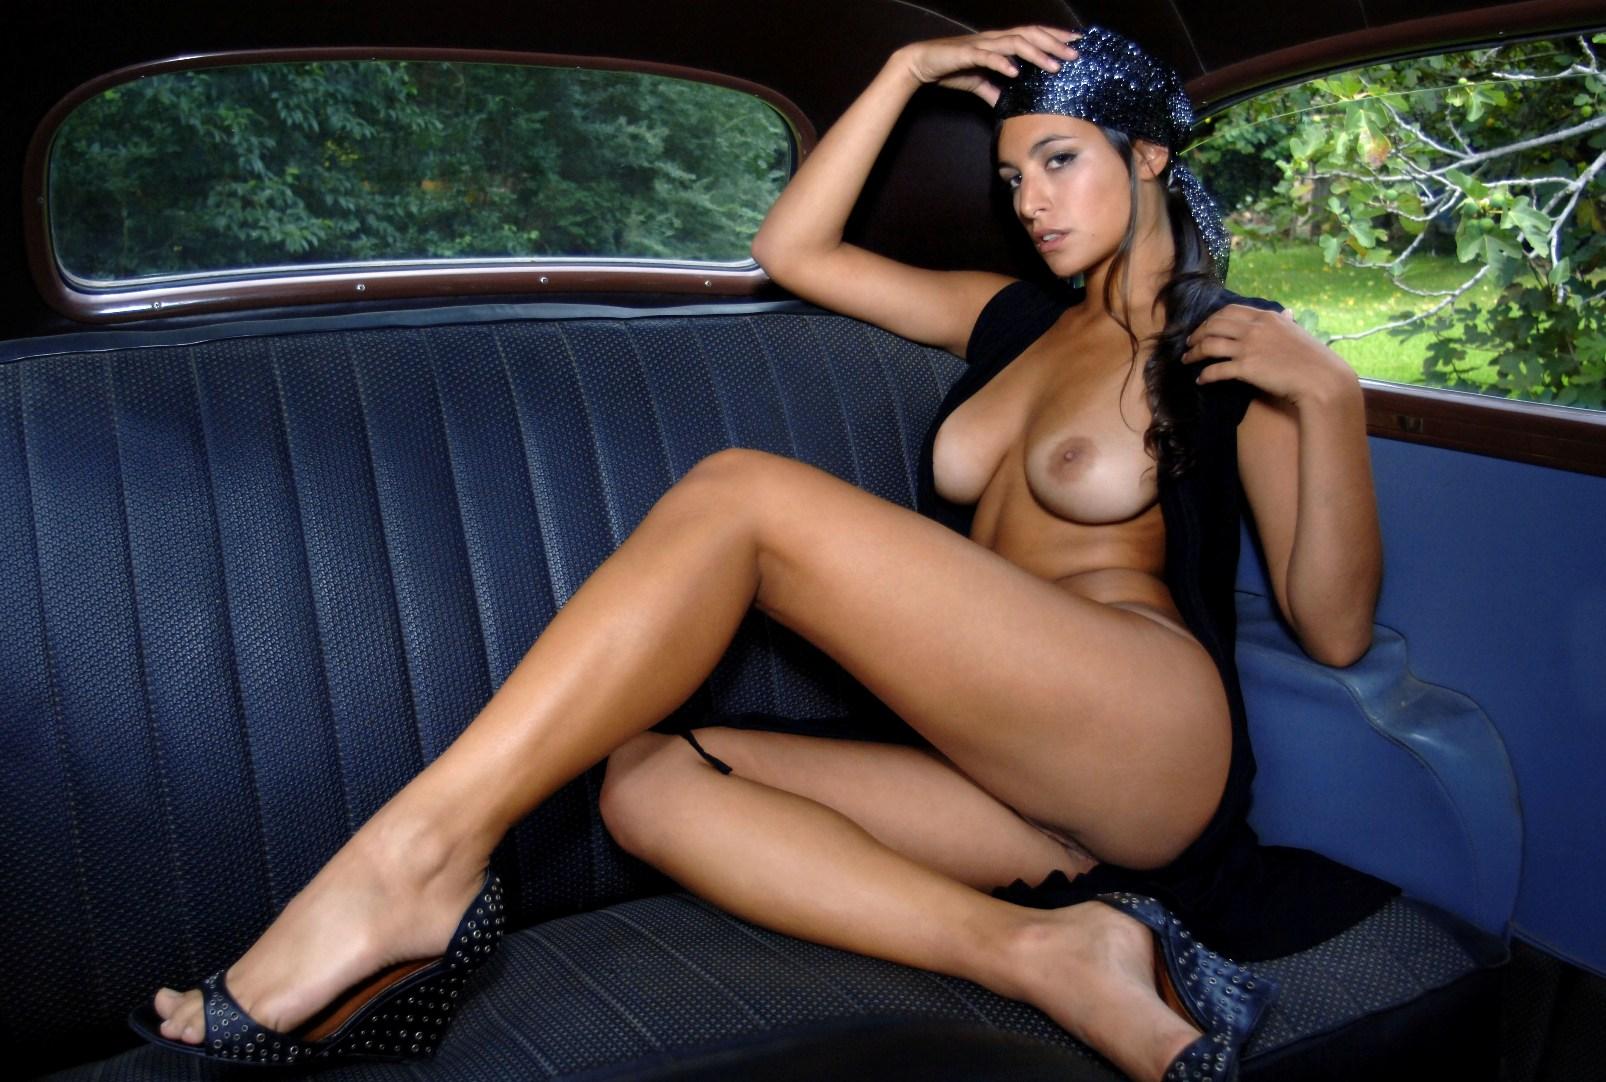 Фото голых итальянских девушек, Итальянки - Смотри бесплатно эротику и порно 21 фотография